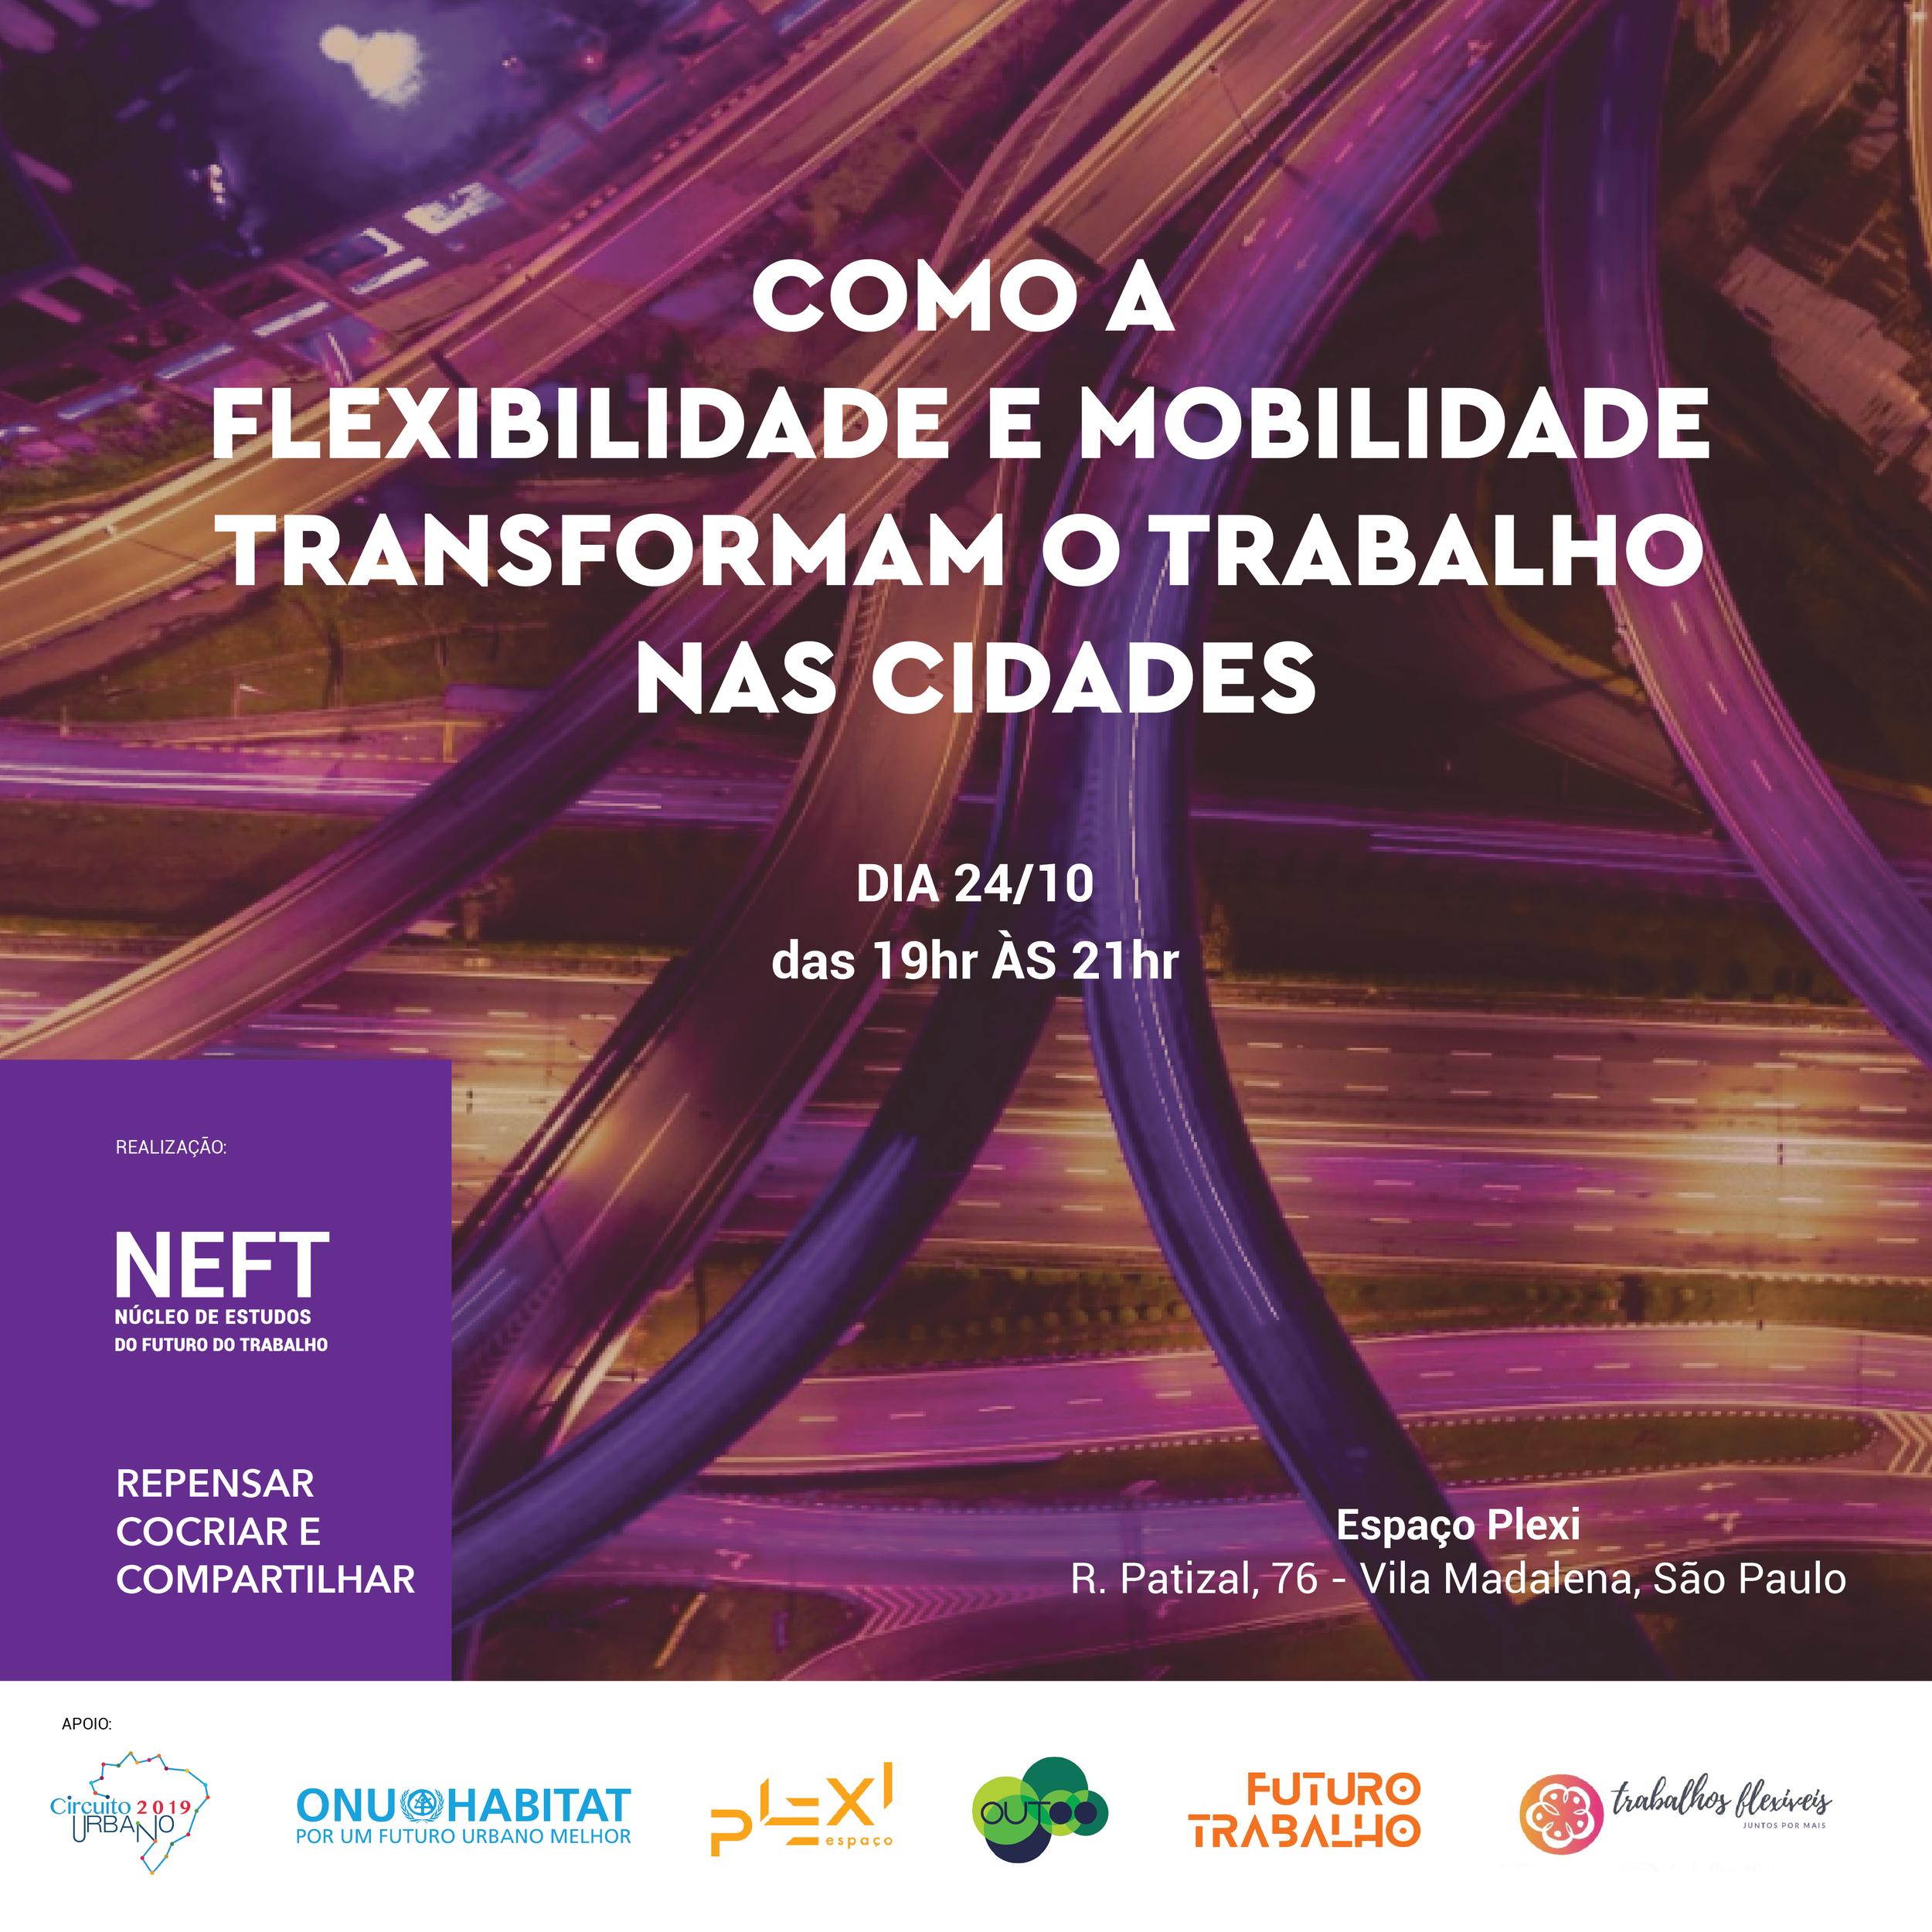 ONU HABITATCircuito Urbano - Um novo cenário começa a surgir, impactando como, onde e quando o trabalho pode ser feito.Neste encontro iremos discutir a importância da flexibilidade e mobilidade para o trabalho e seu impacto nas cidades.